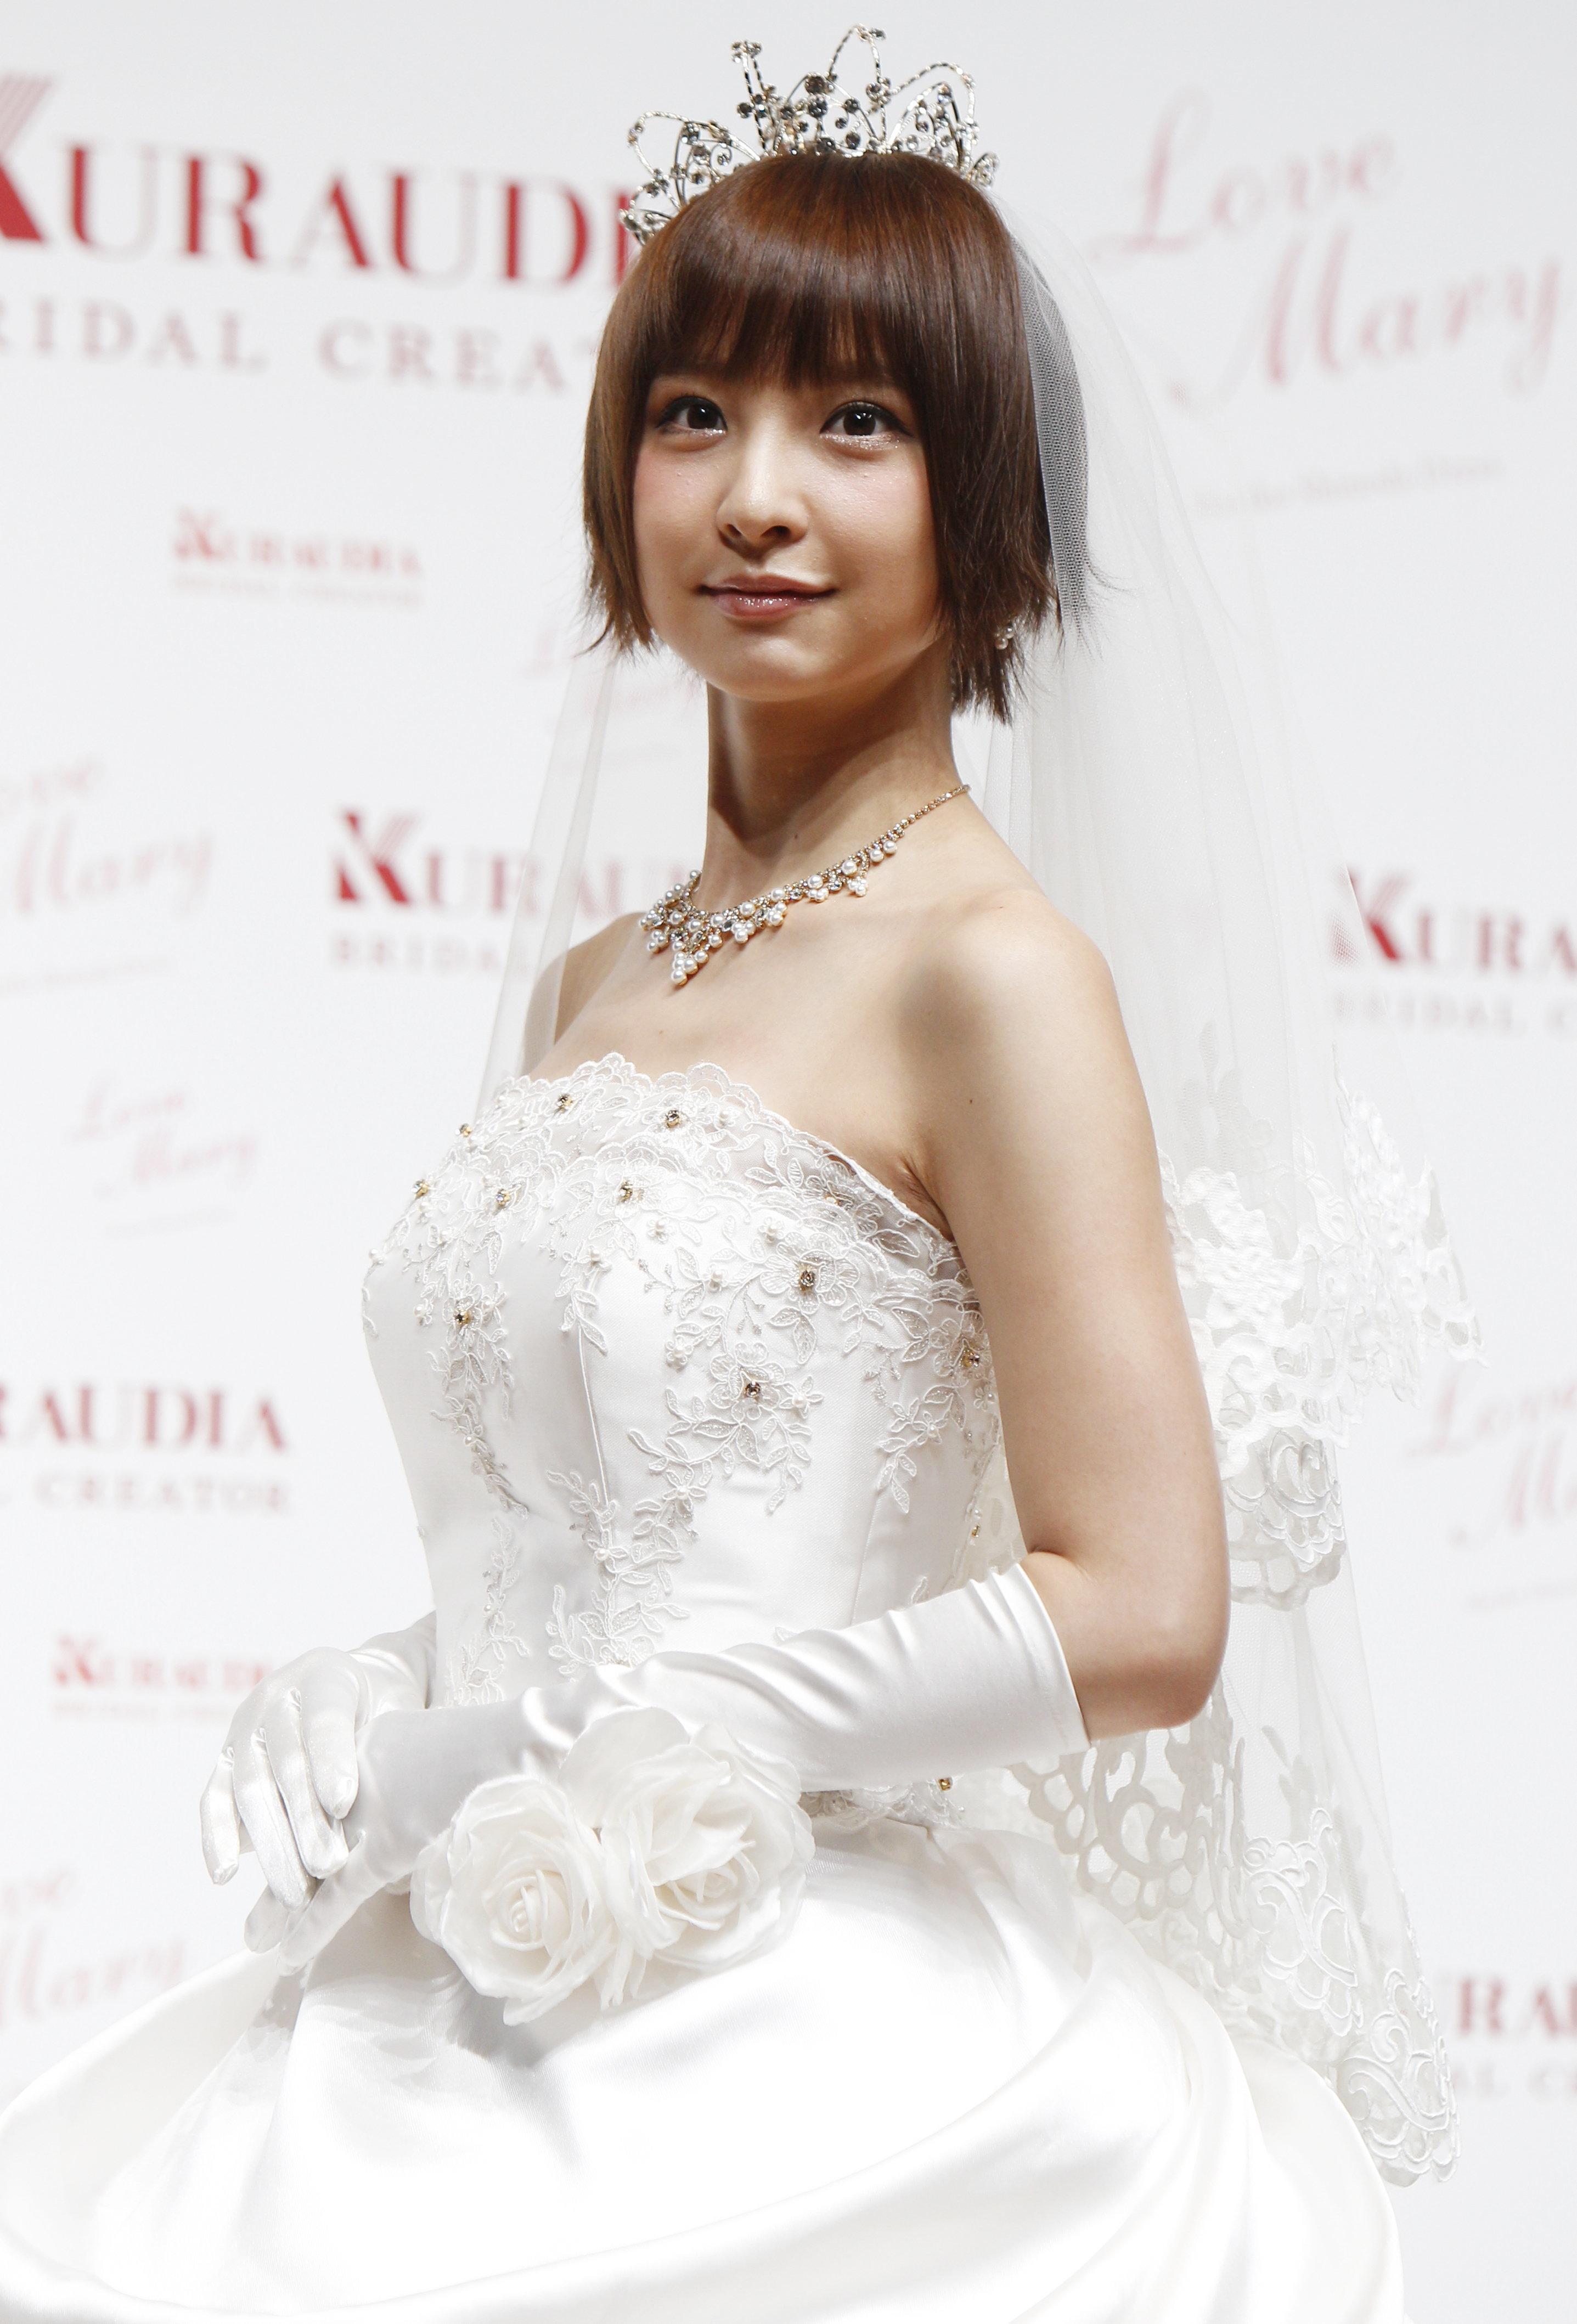 篠田麻里子「これが噂の玄米婚😎👌」